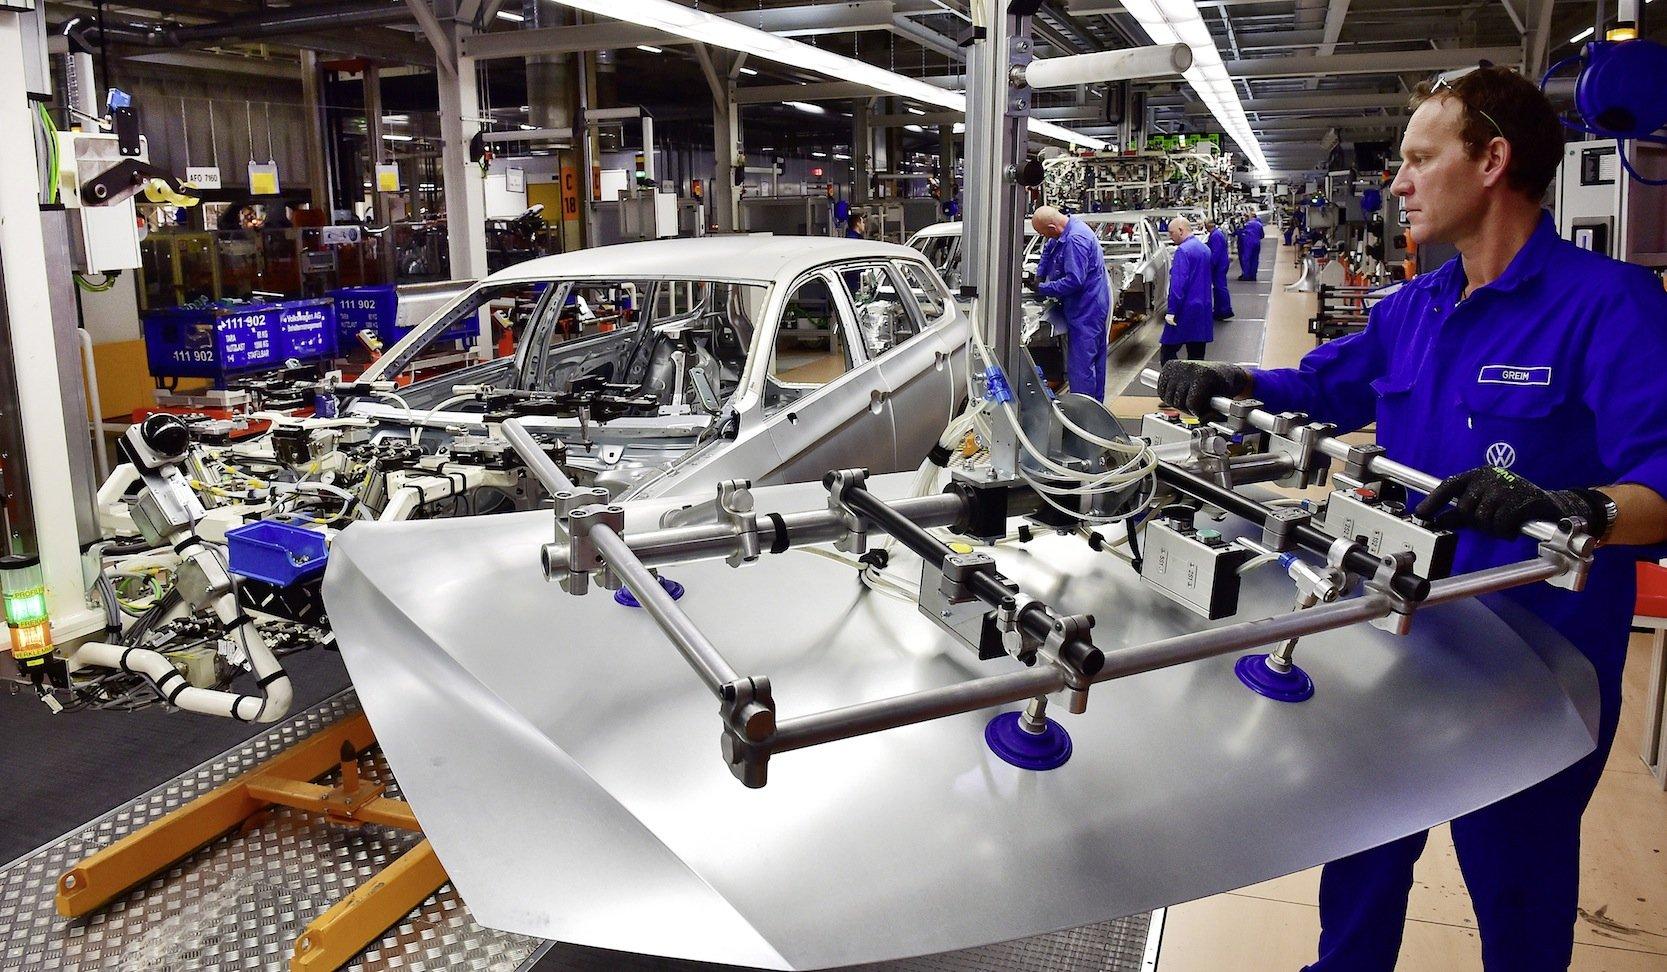 Karosseriebau für den Passat im VW-Werk Zwickau: Der Rückruf der von Manipulationen betroffenen Passat-Modelle soll in den nächsten Tagen beginnen.